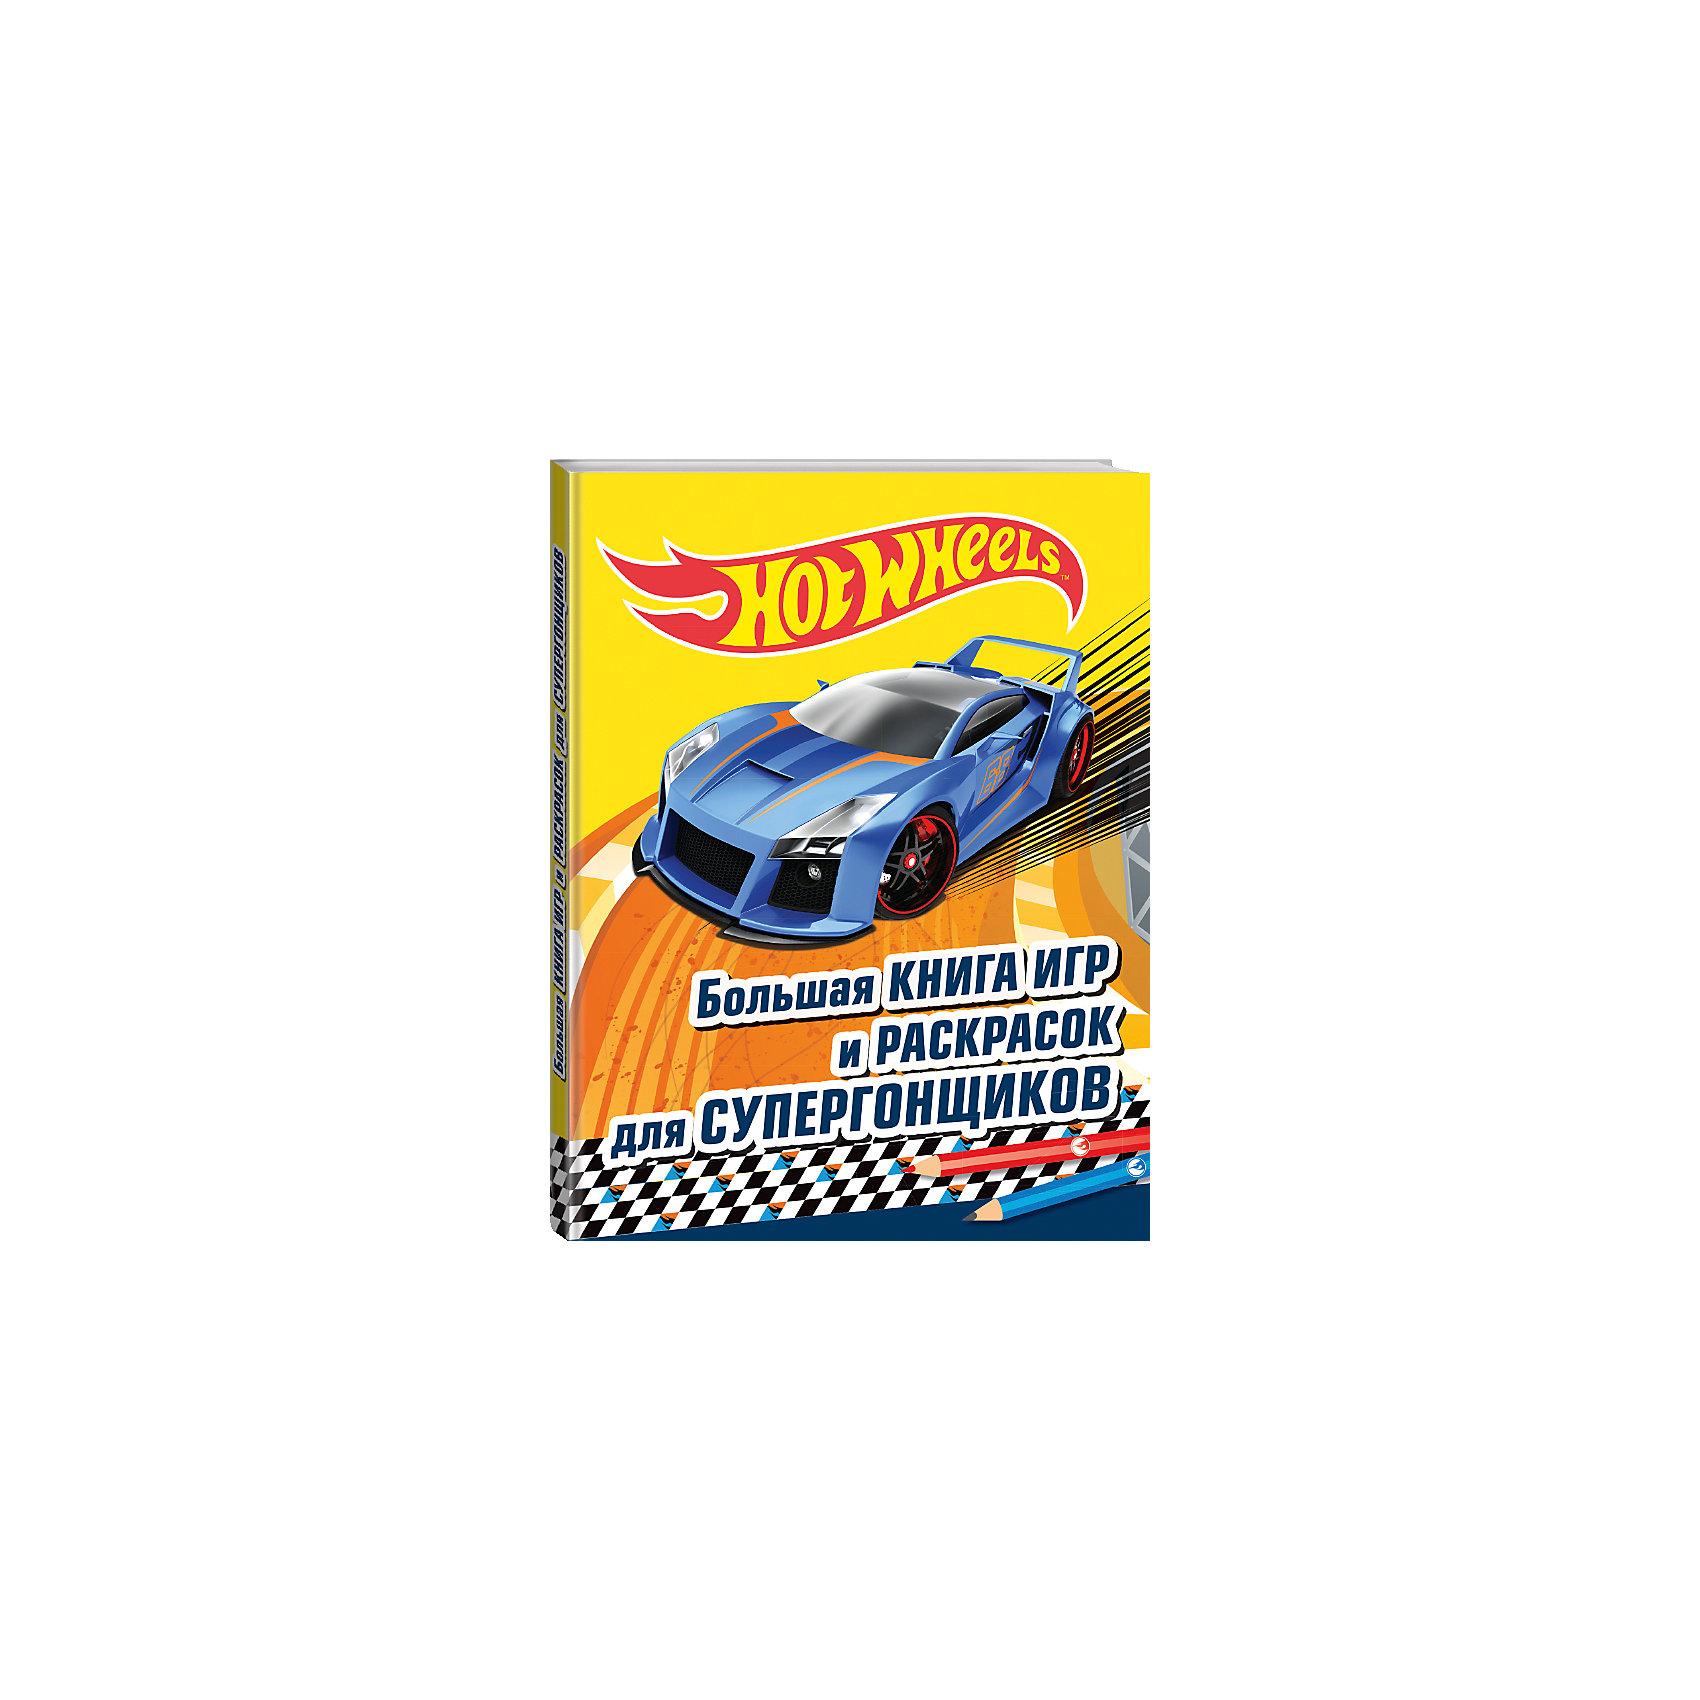 Большая книга игр и раскрасок для супергонщиковРаскраски по номерам<br>Специально для поклонников сверхскоростного мира Hot Wheels! Сборник увлекательных игр, раскрасок и развивающих заданий с любимыми сверхмощными автомобилями!<br><br>Ширина мм: 260<br>Глубина мм: 200<br>Высота мм: 10<br>Вес г: 415<br>Возраст от месяцев: 36<br>Возраст до месяцев: 72<br>Пол: Унисекс<br>Возраст: Детский<br>SKU: 6878168